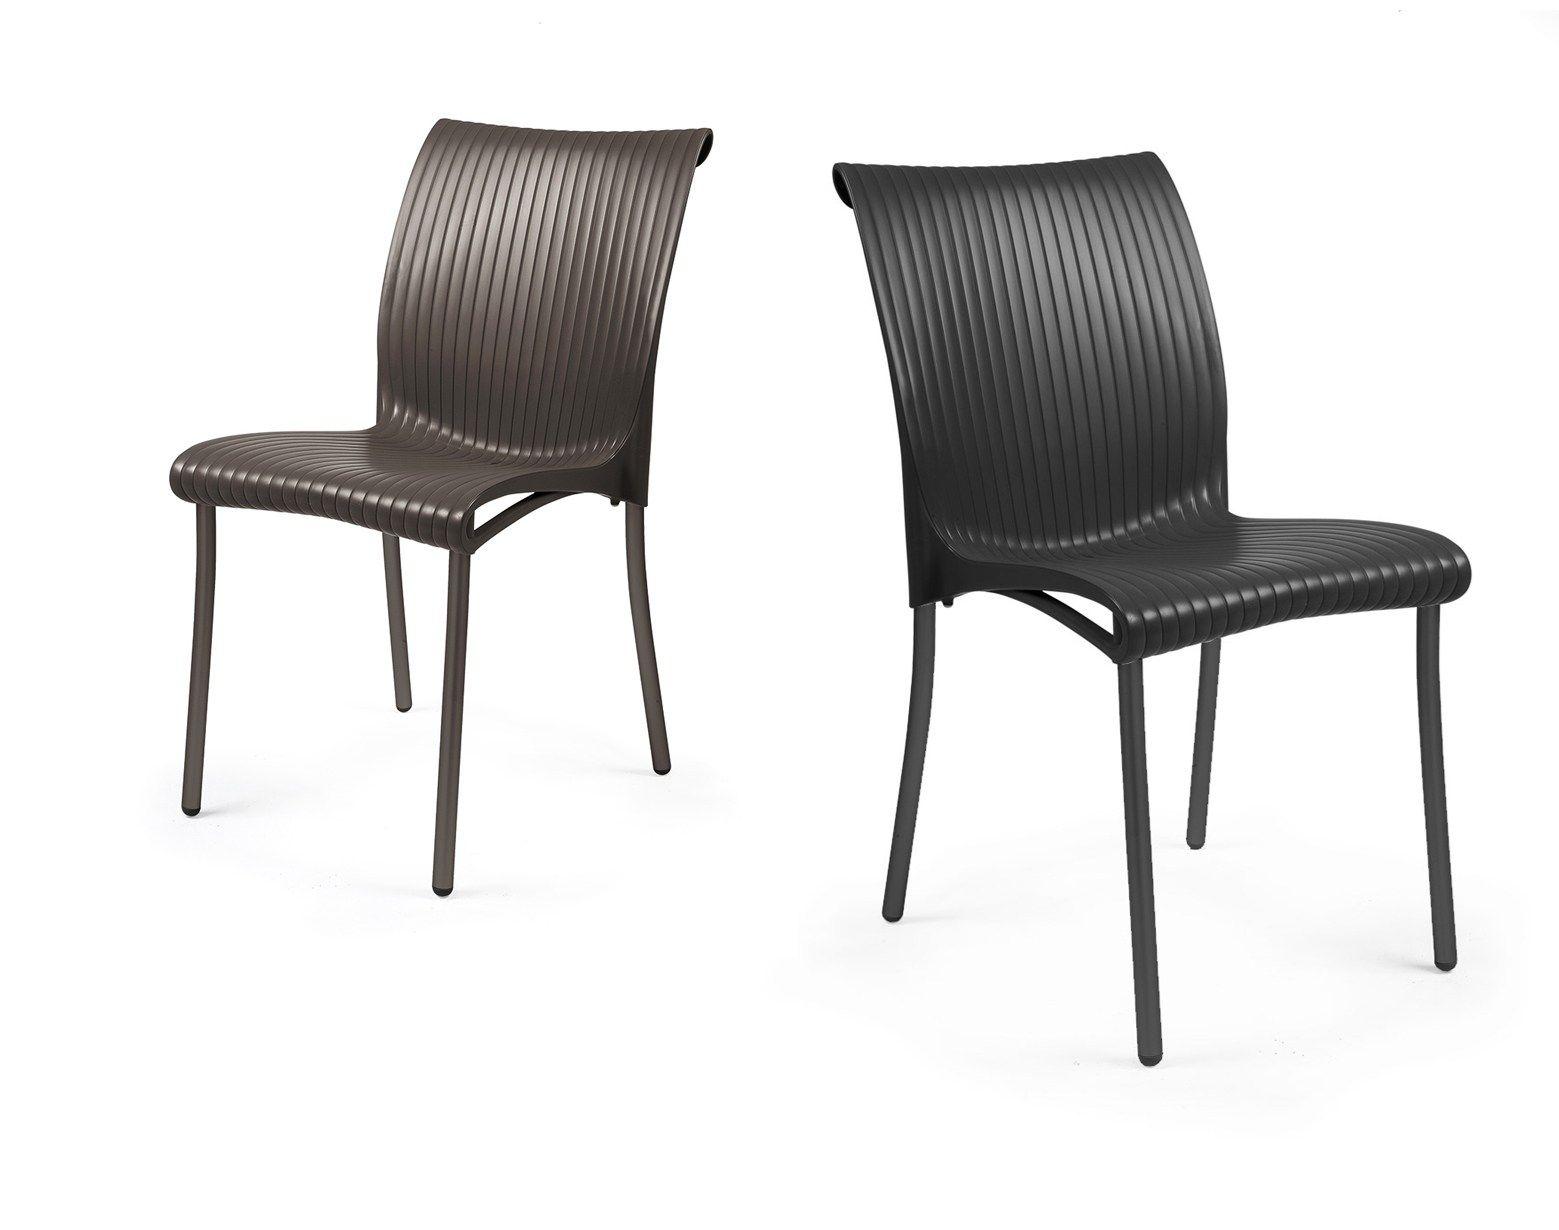 Chaise de jardin empilable BORA BISTROT By Nardi design Raffaello ...